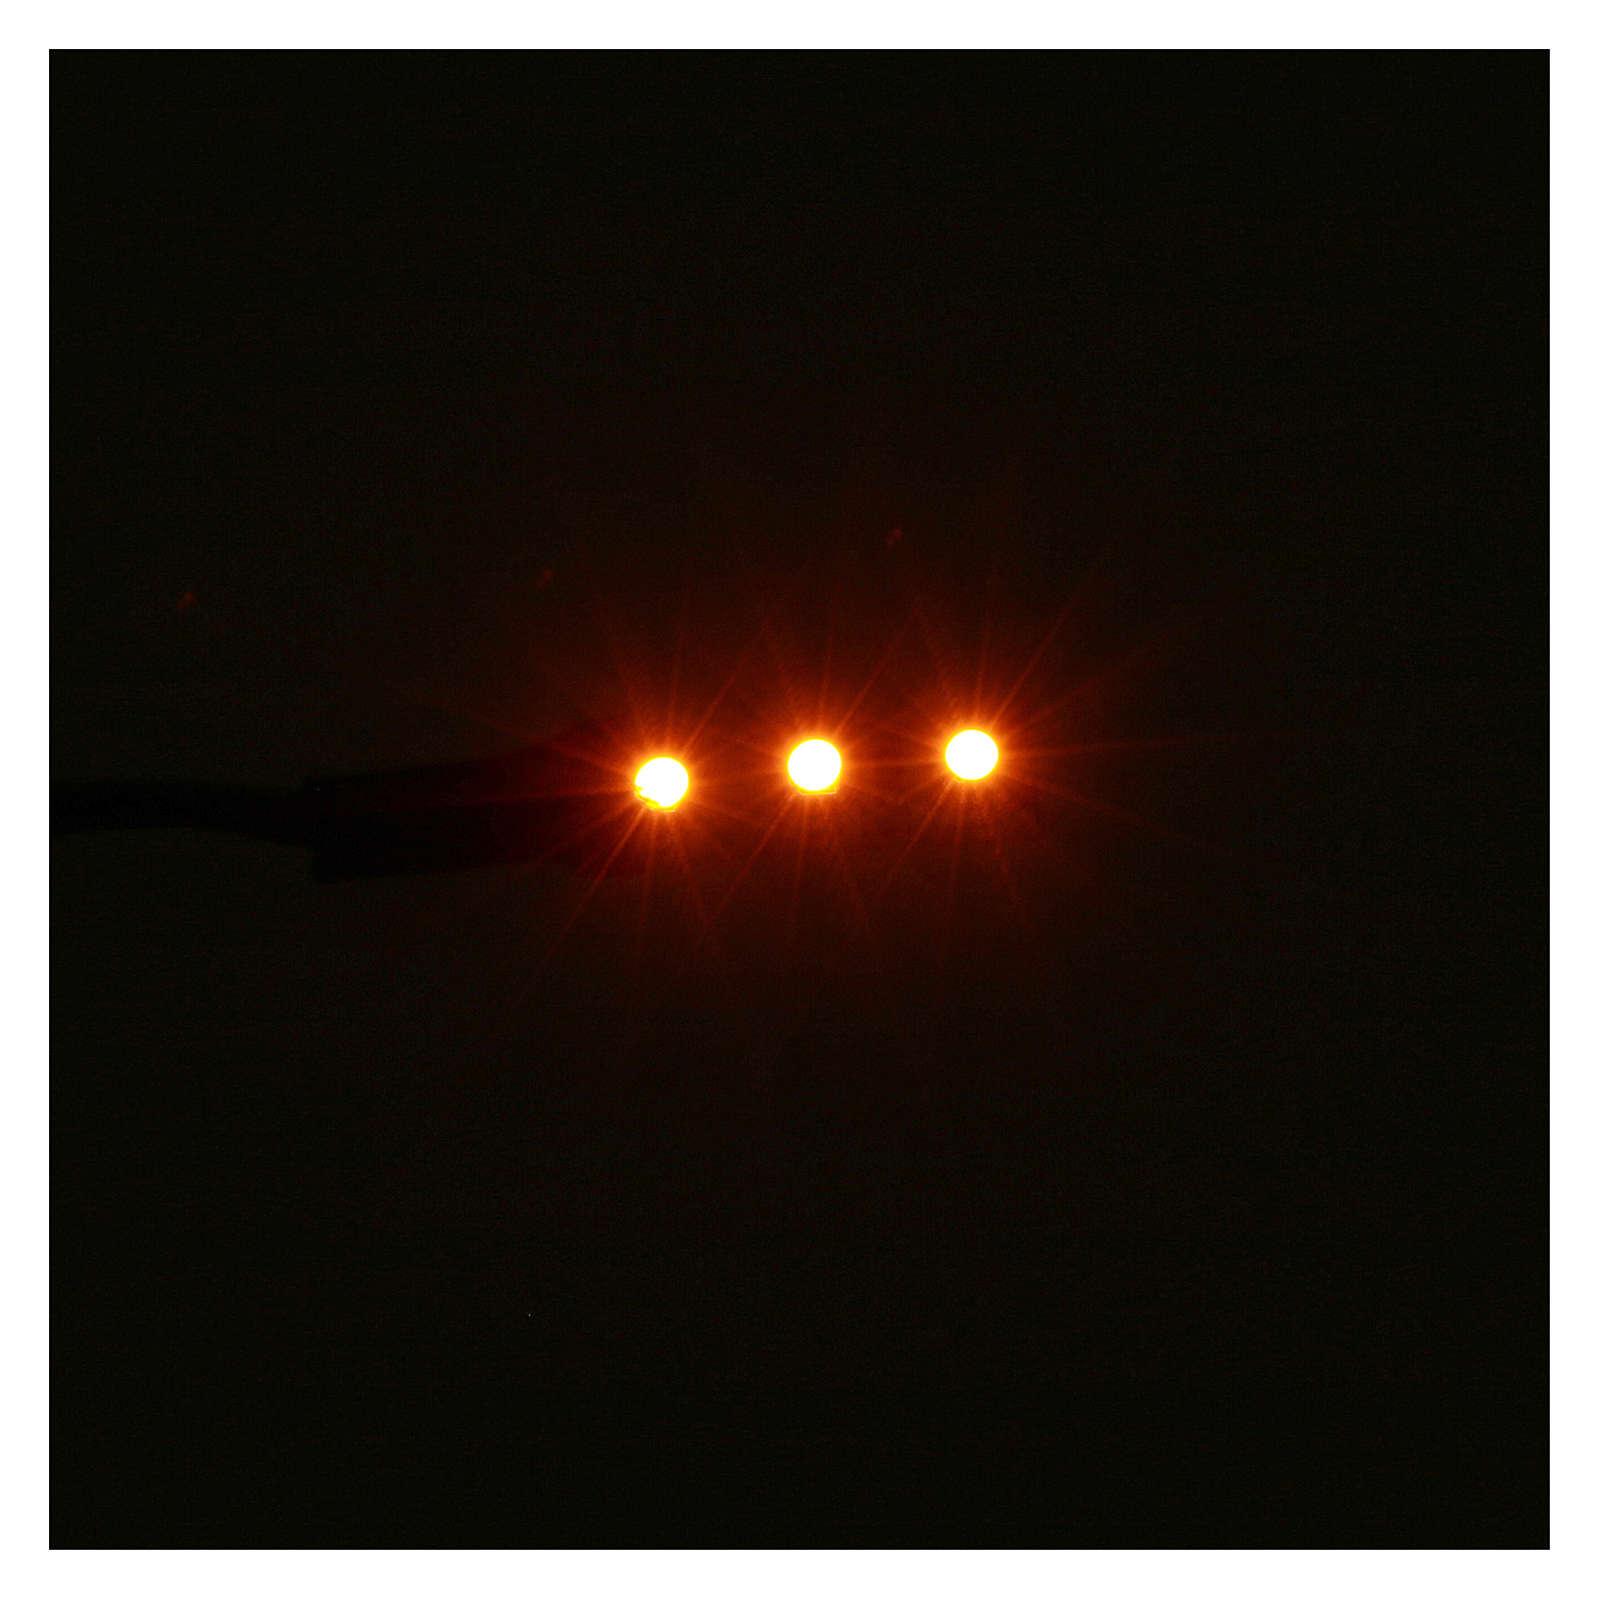 Bande 3 Leds autocollante 12V 4 cm lumière orange pour crèche 4